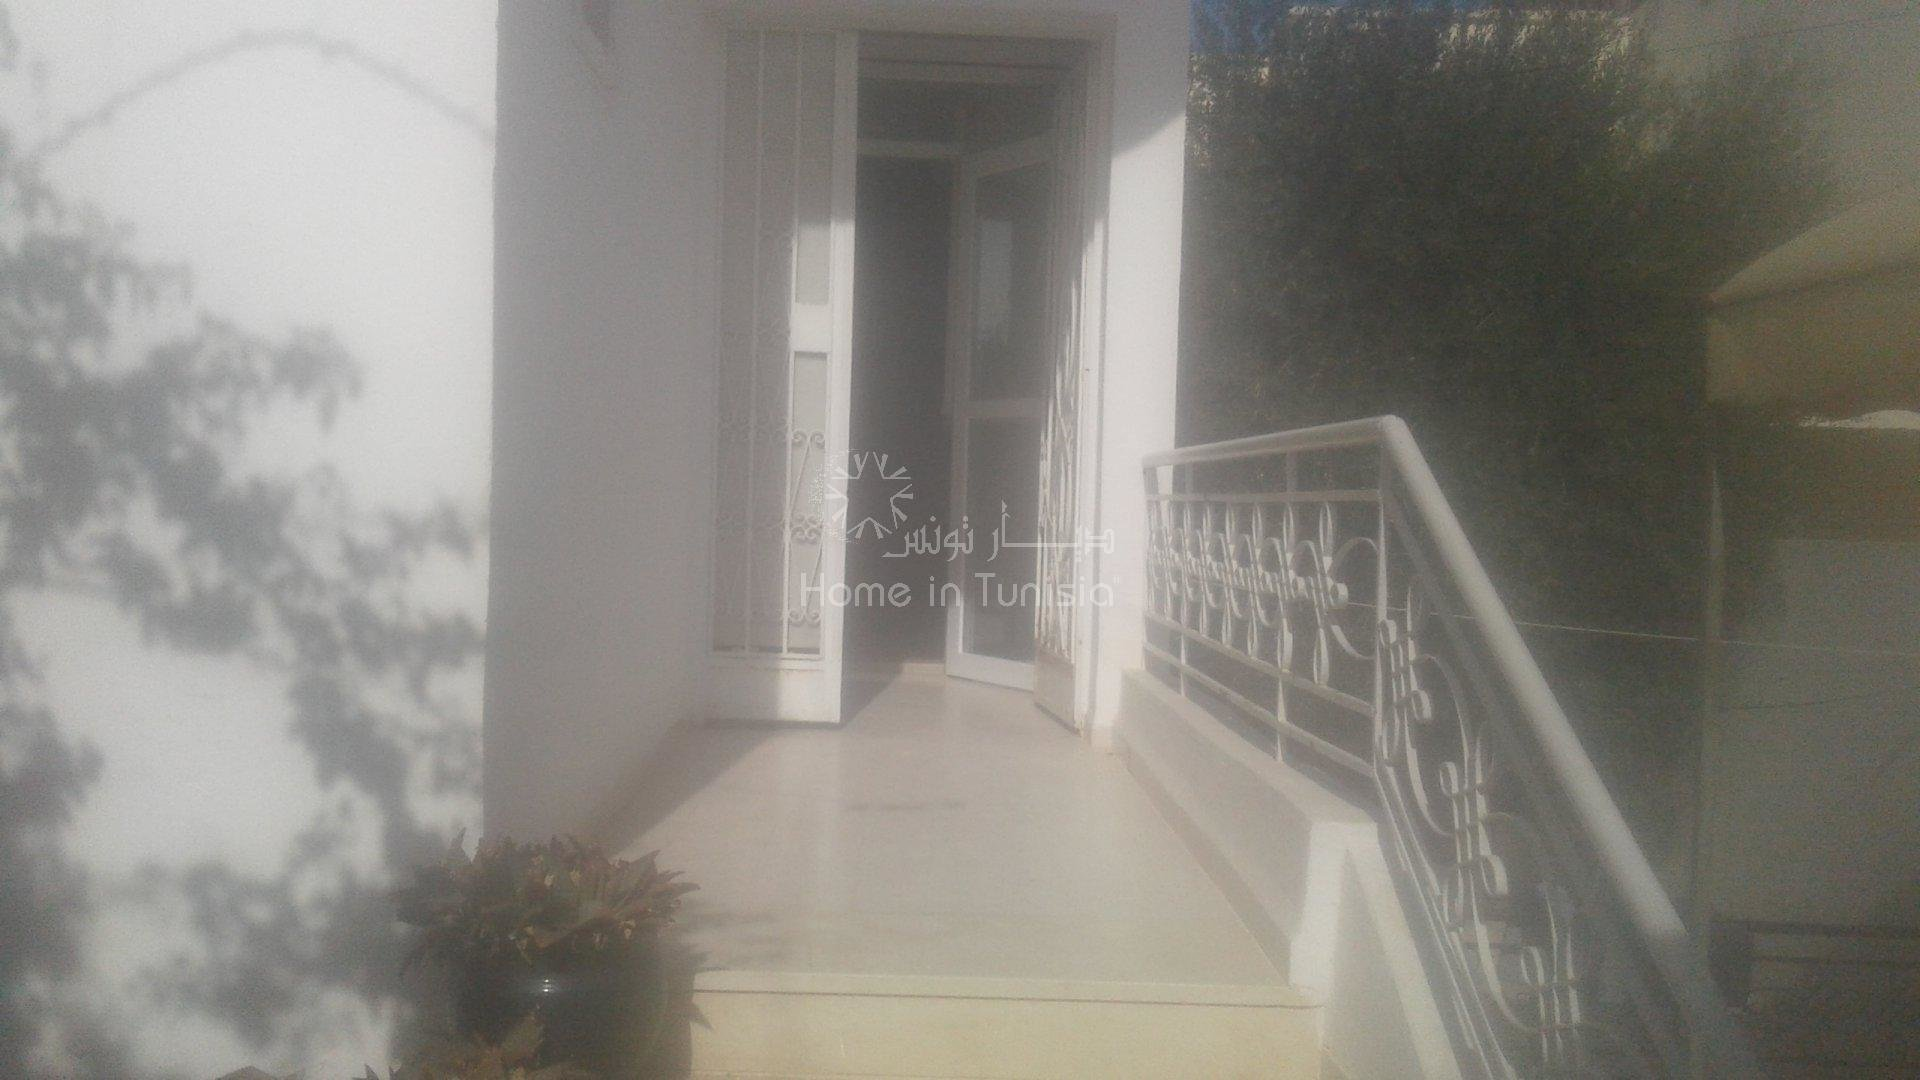 VENTE MAISON CITÉ JAWHARA SOUSSE